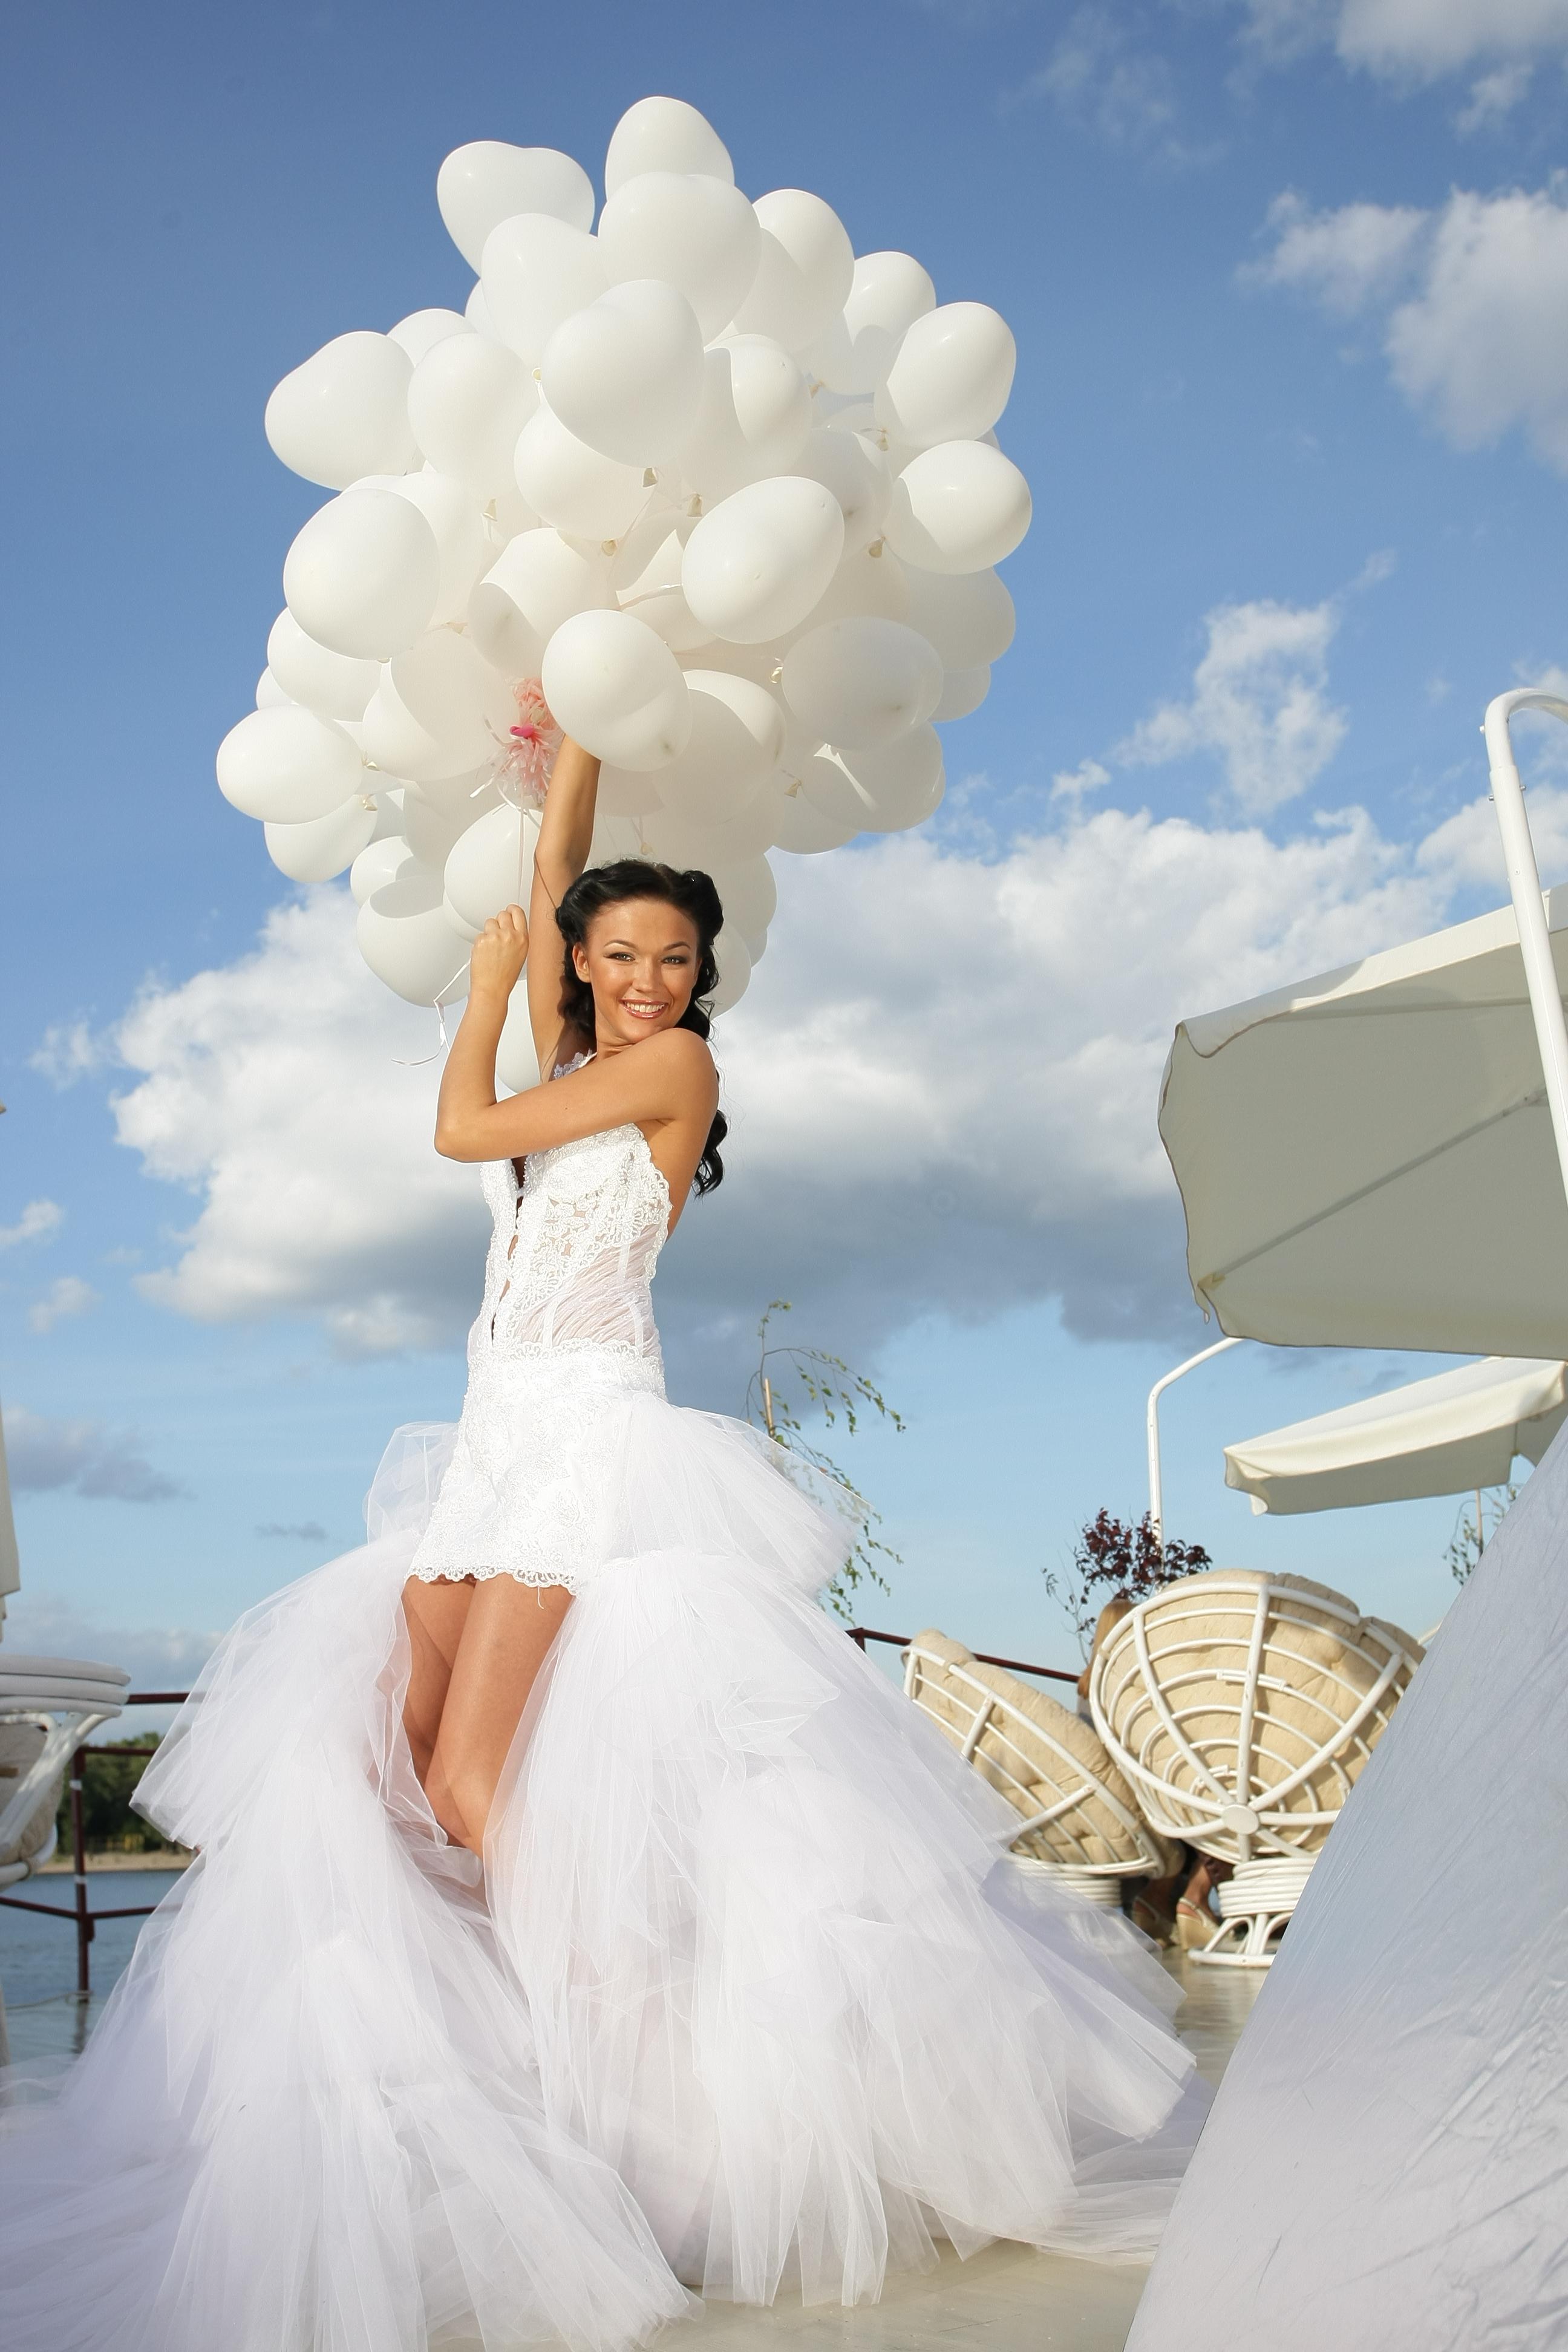 Кому продать свадебное платье в пензе